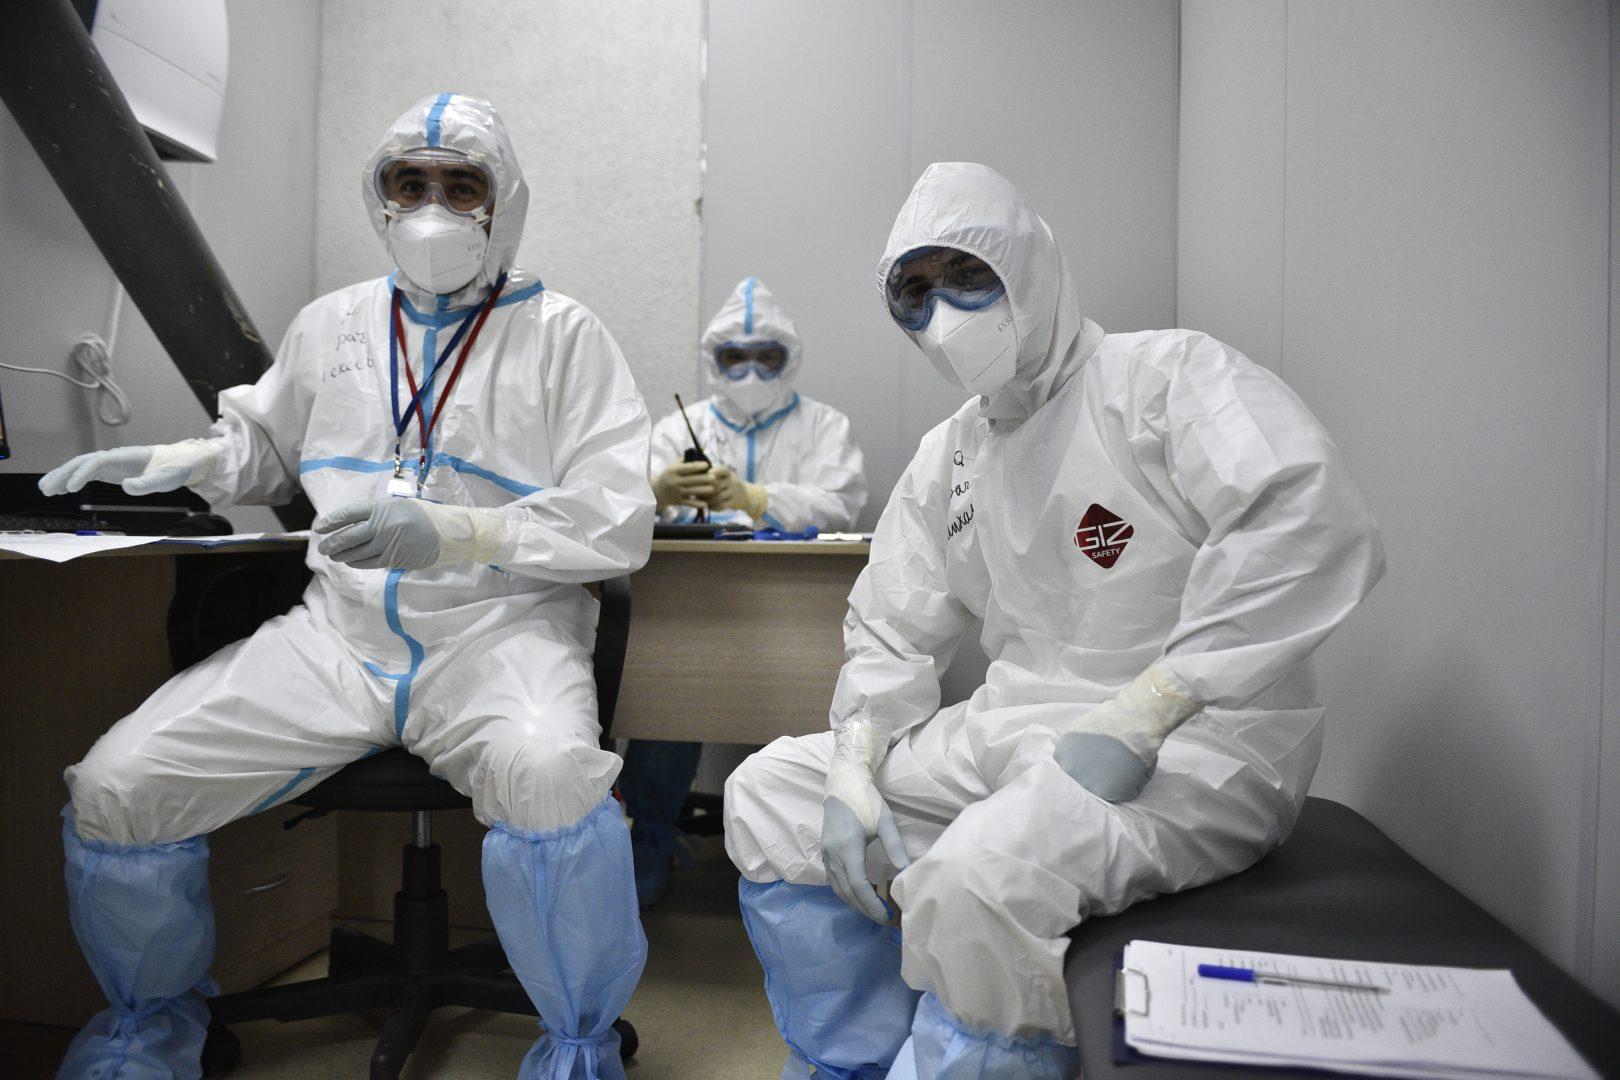 Мэр Москвы Сергей Собянин поблагодарил врачей за вклад в борьбу с пандемией